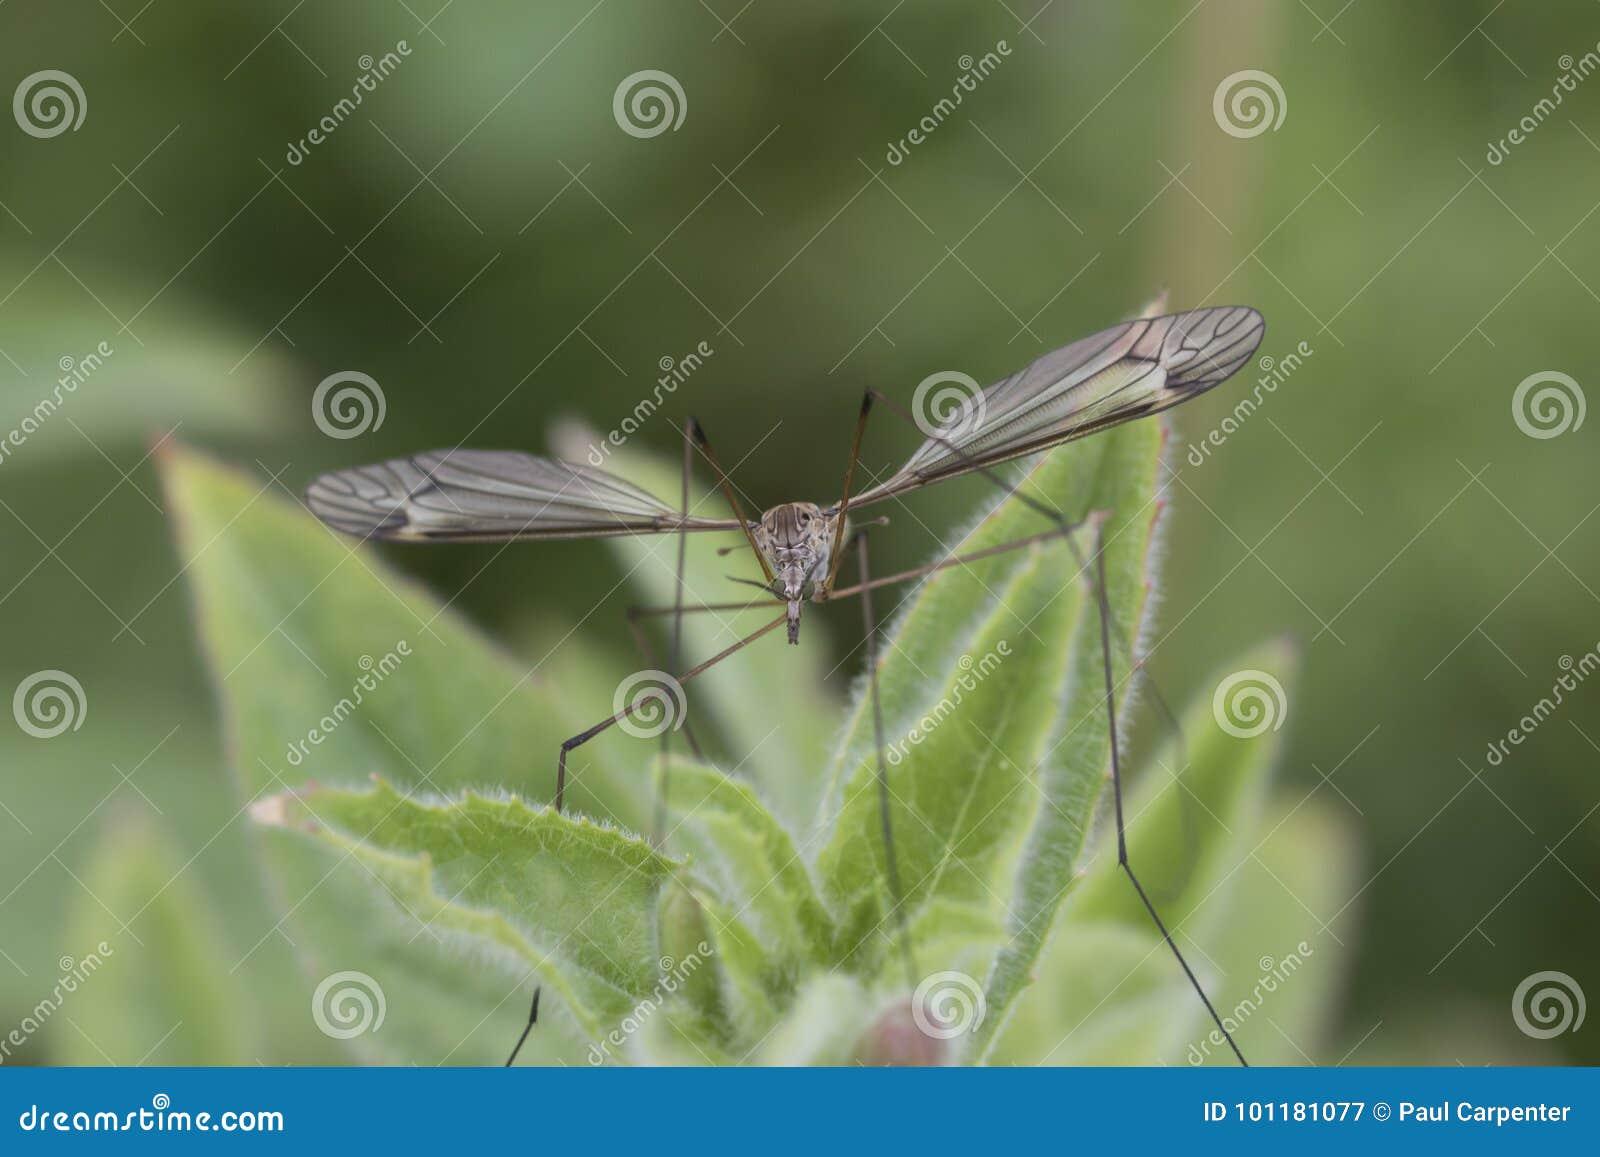 Del tigre retrato cranefly